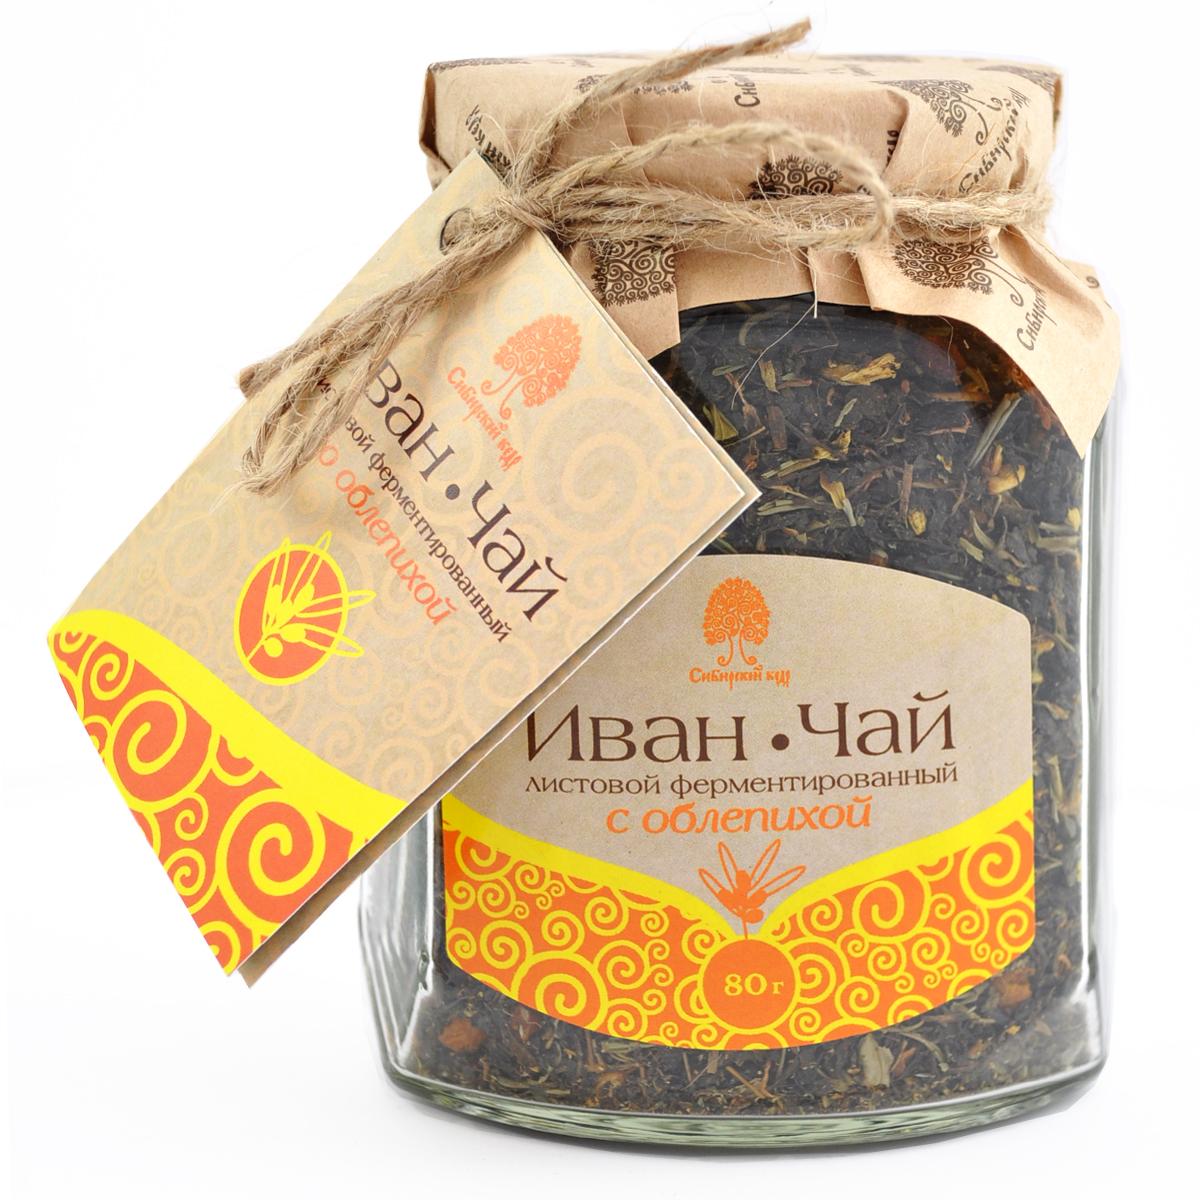 Сибирский кедр чайный напиток Иван чай с облепихой, 80 г1910Иван-чай - это кладовая природы прямо на Вашем столе и универсальная домашняя аптечка. Чай с малиной, брусникой, мятой, облепихой являются традиционными сибирскими вкусами и снадобьями.Всё о чае: сорта, факты, советы по выбору и употреблению. Статья OZON Гид